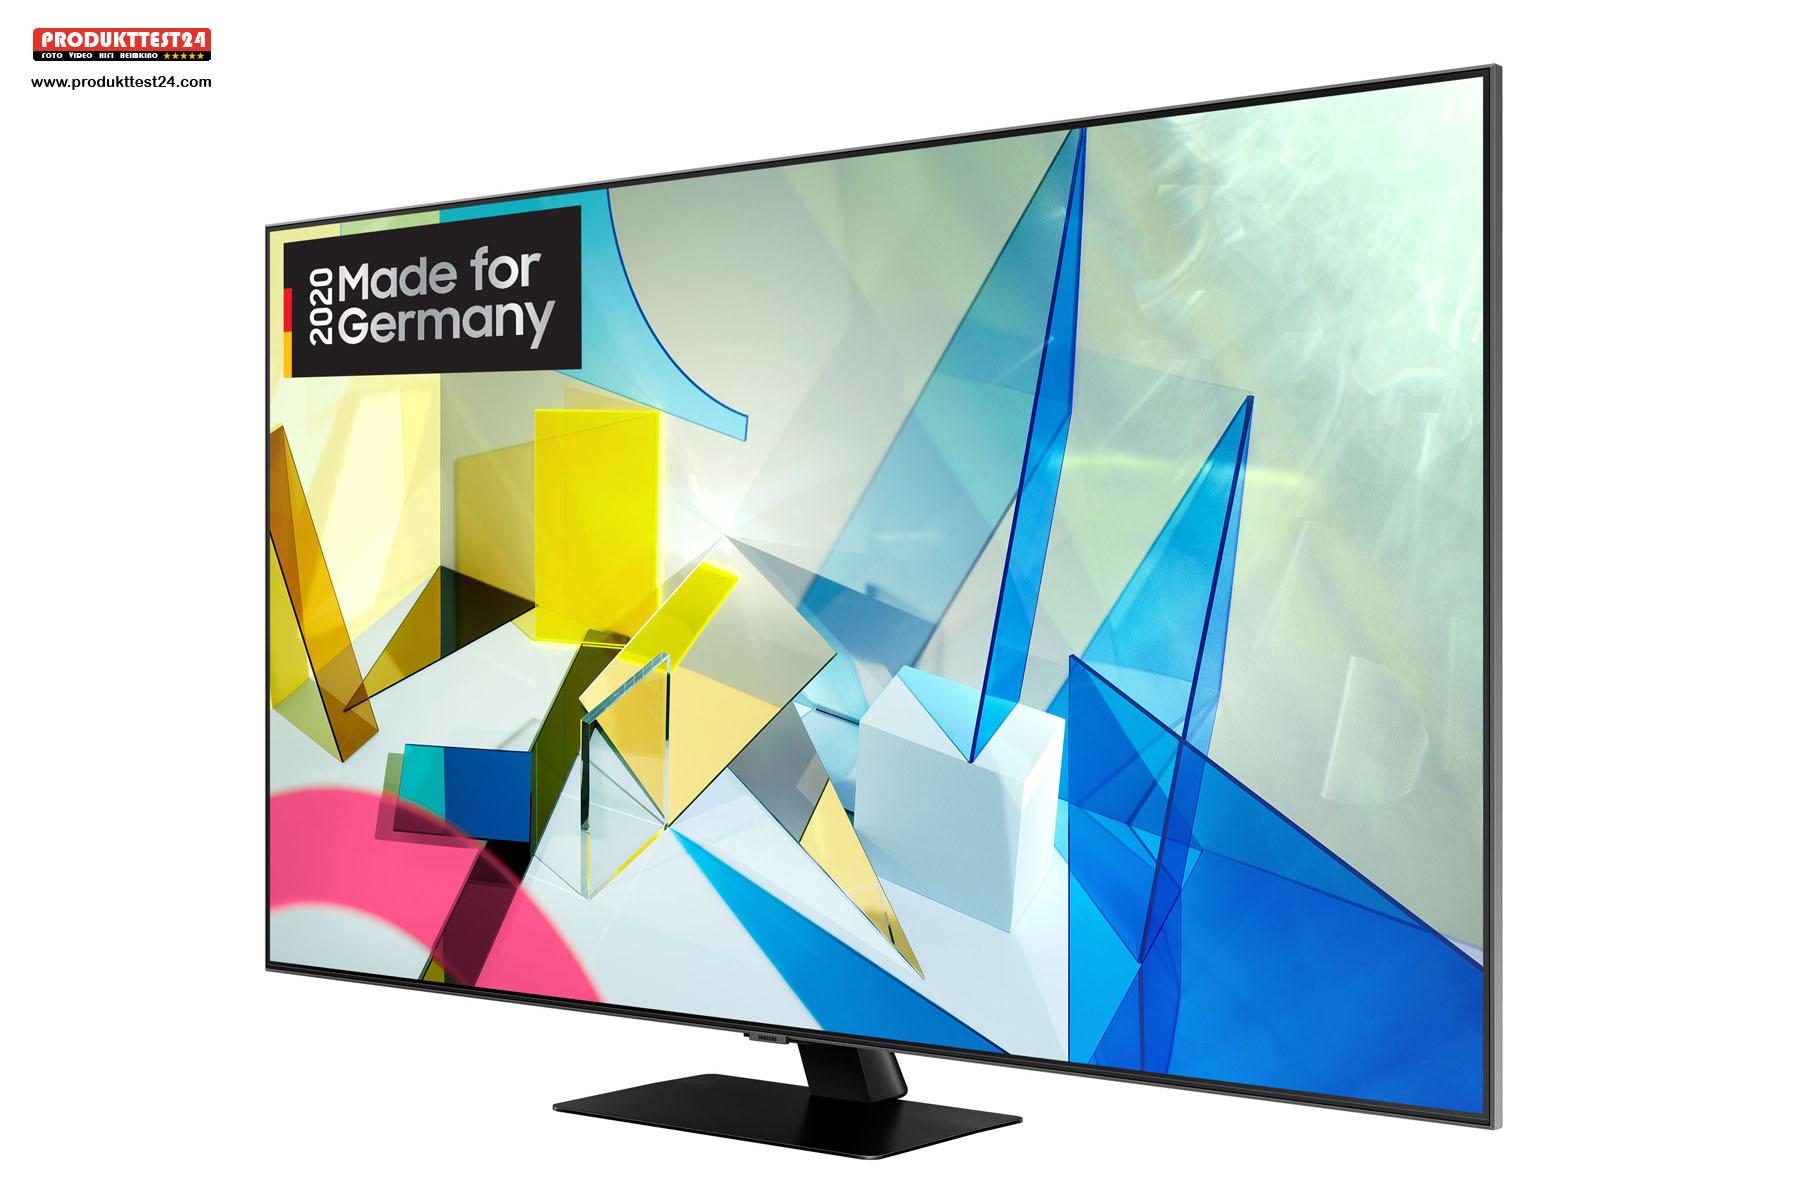 Der Samsung Q80T bietet ein gestochen scharfes Bild mit realistischen Farben